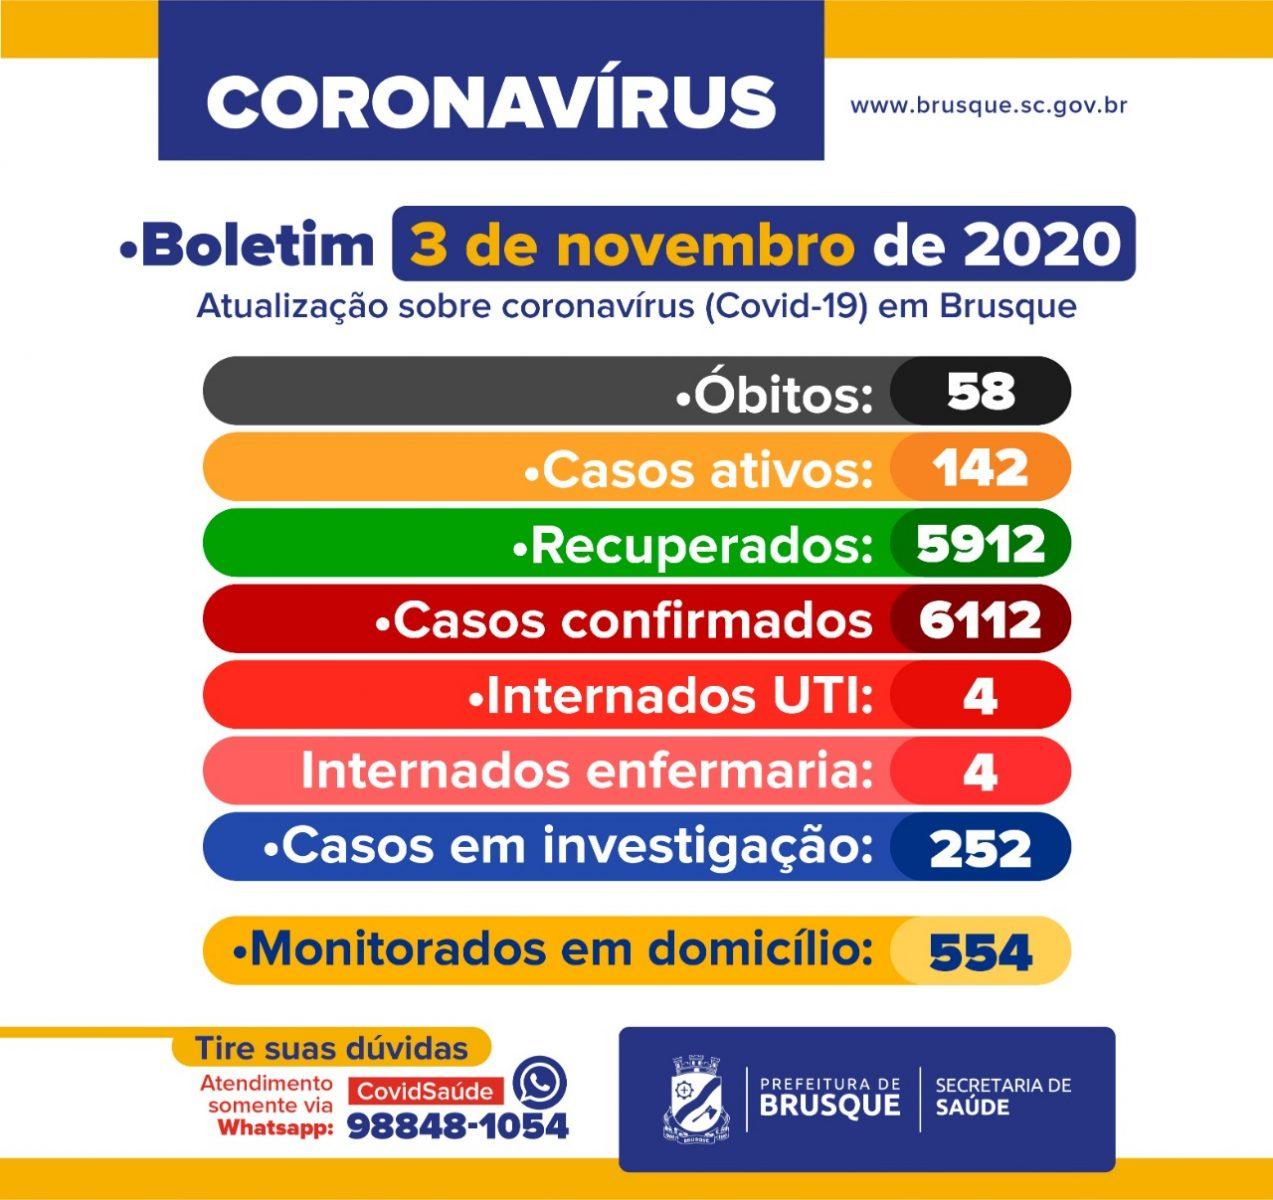 COVID-19: Confira o boletim epidemiológico desta terça-feira, 3 de novembro